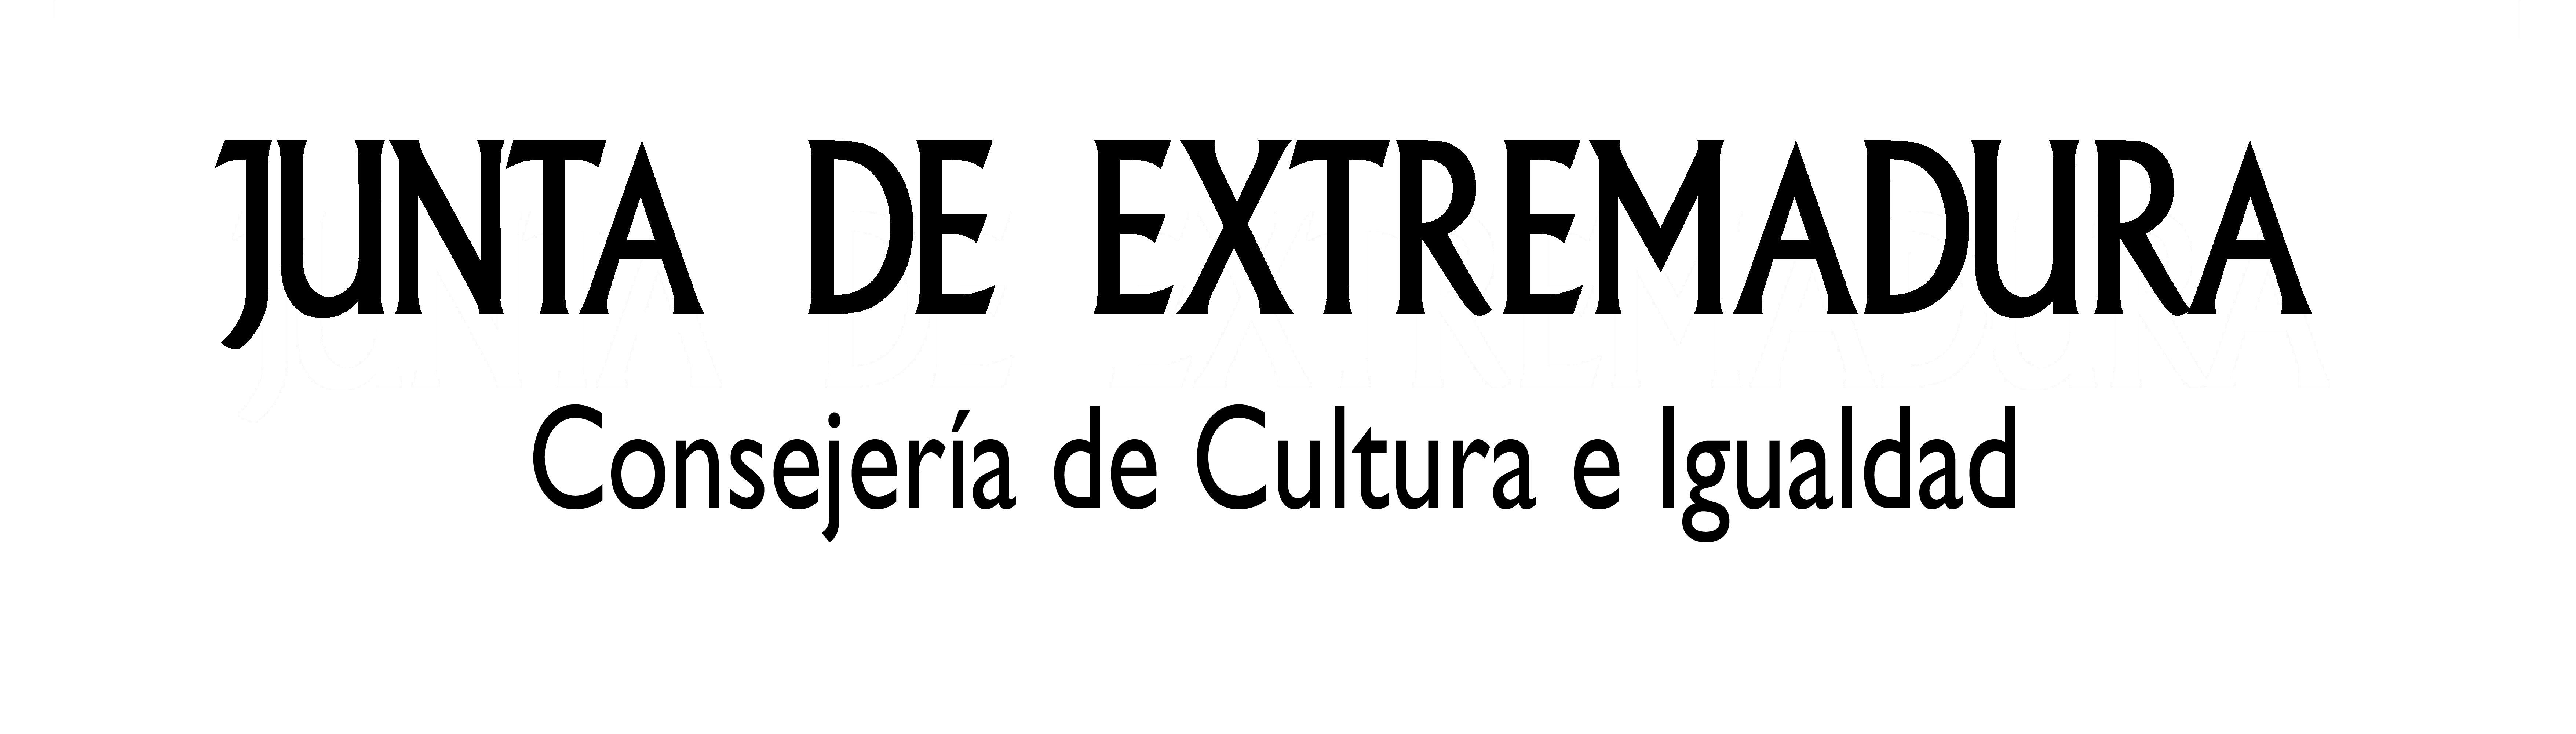 CULTURA-POSITIVO-CENTRADO-copia